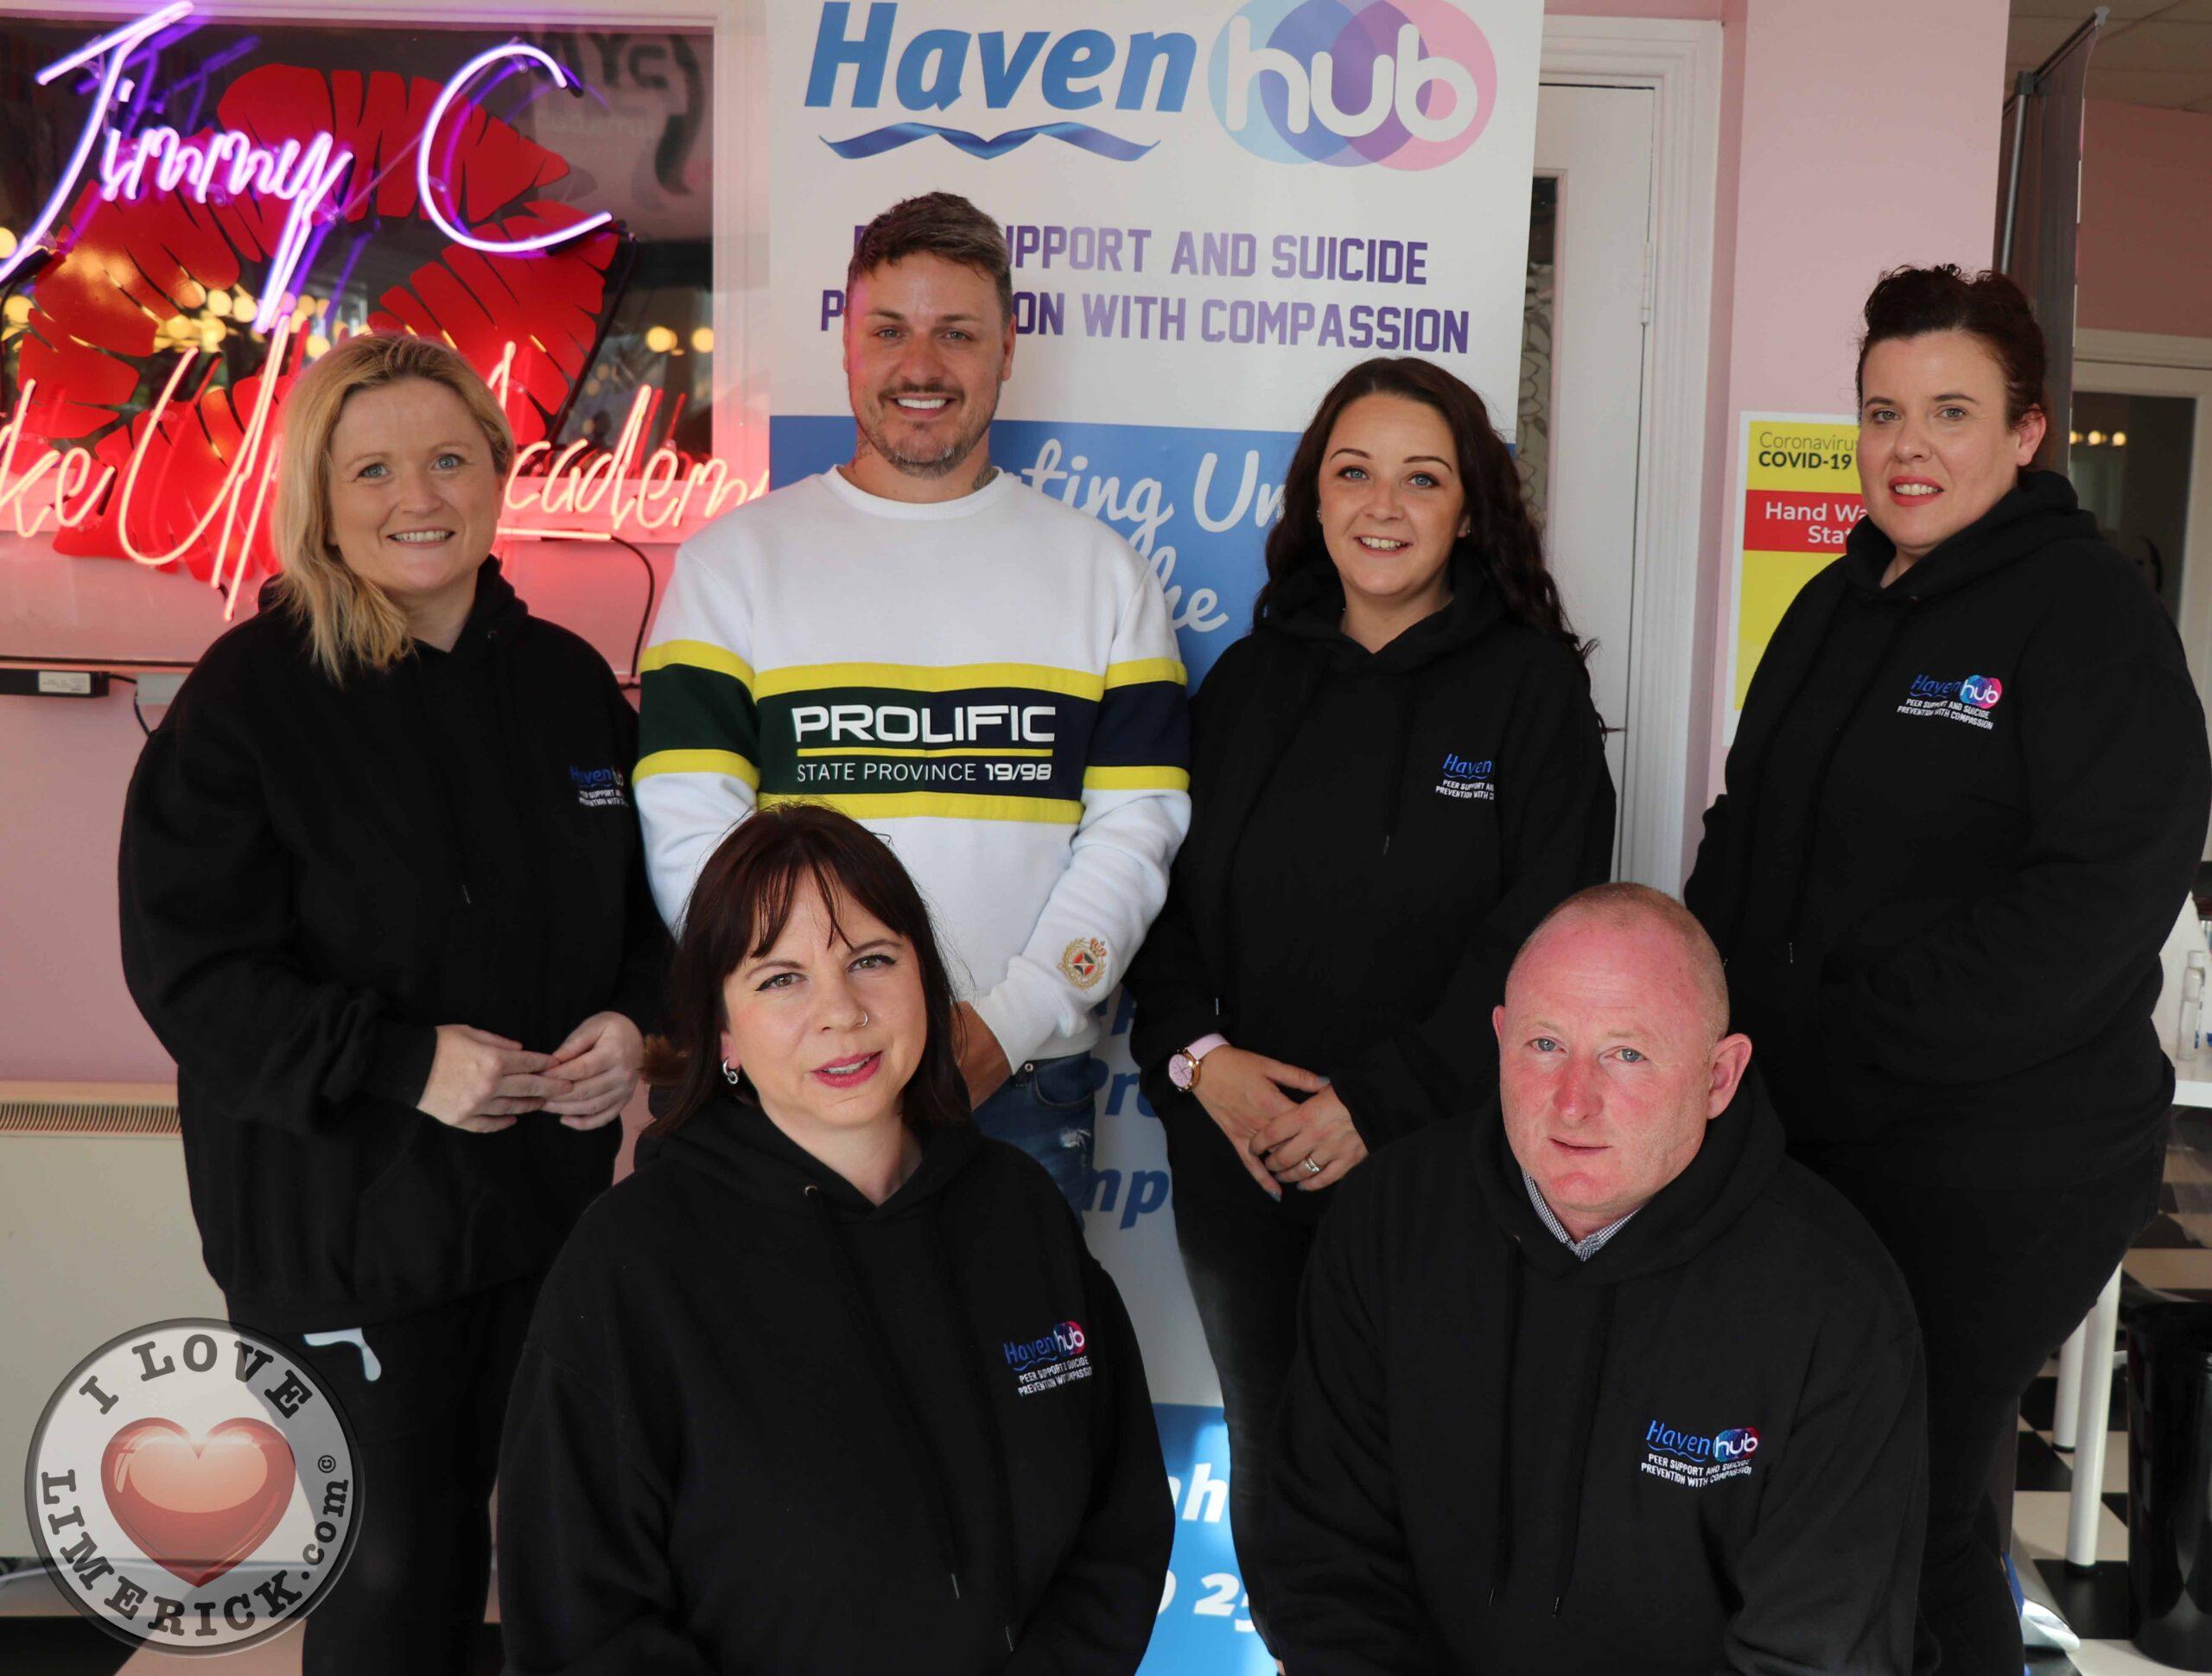 Haven Hub Reopening